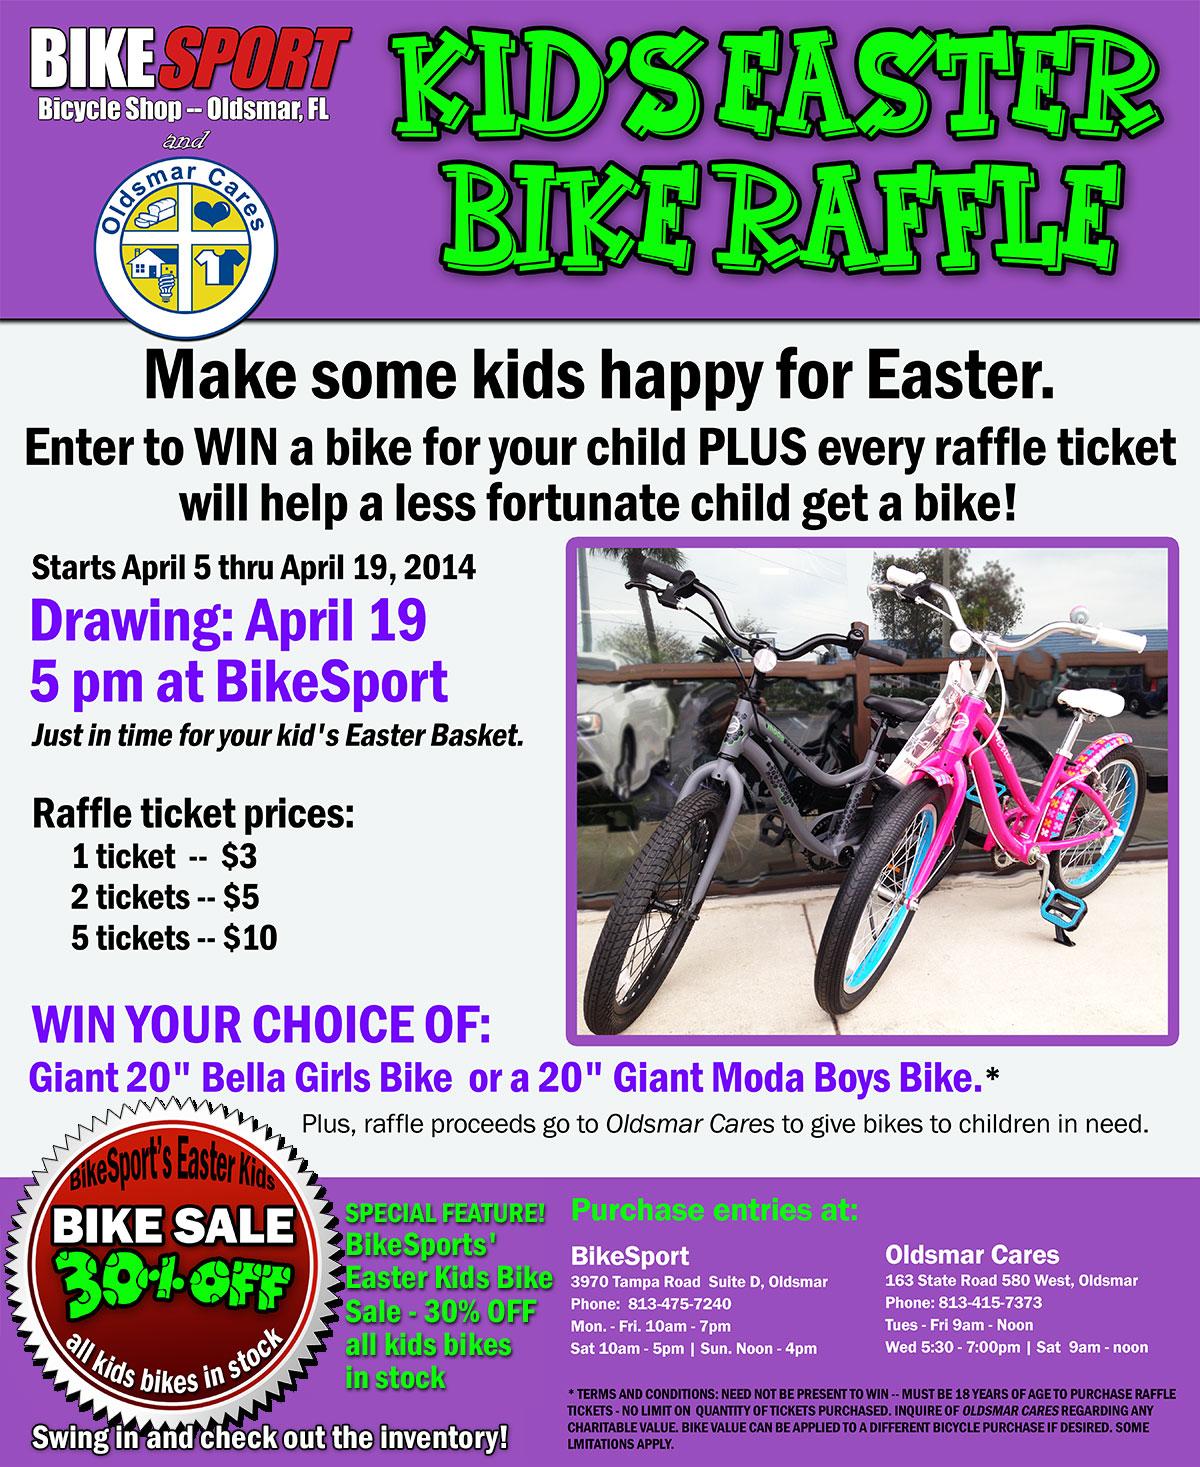 Kids Easter Bike Raffle and 30% Off Sale at Bike Sport